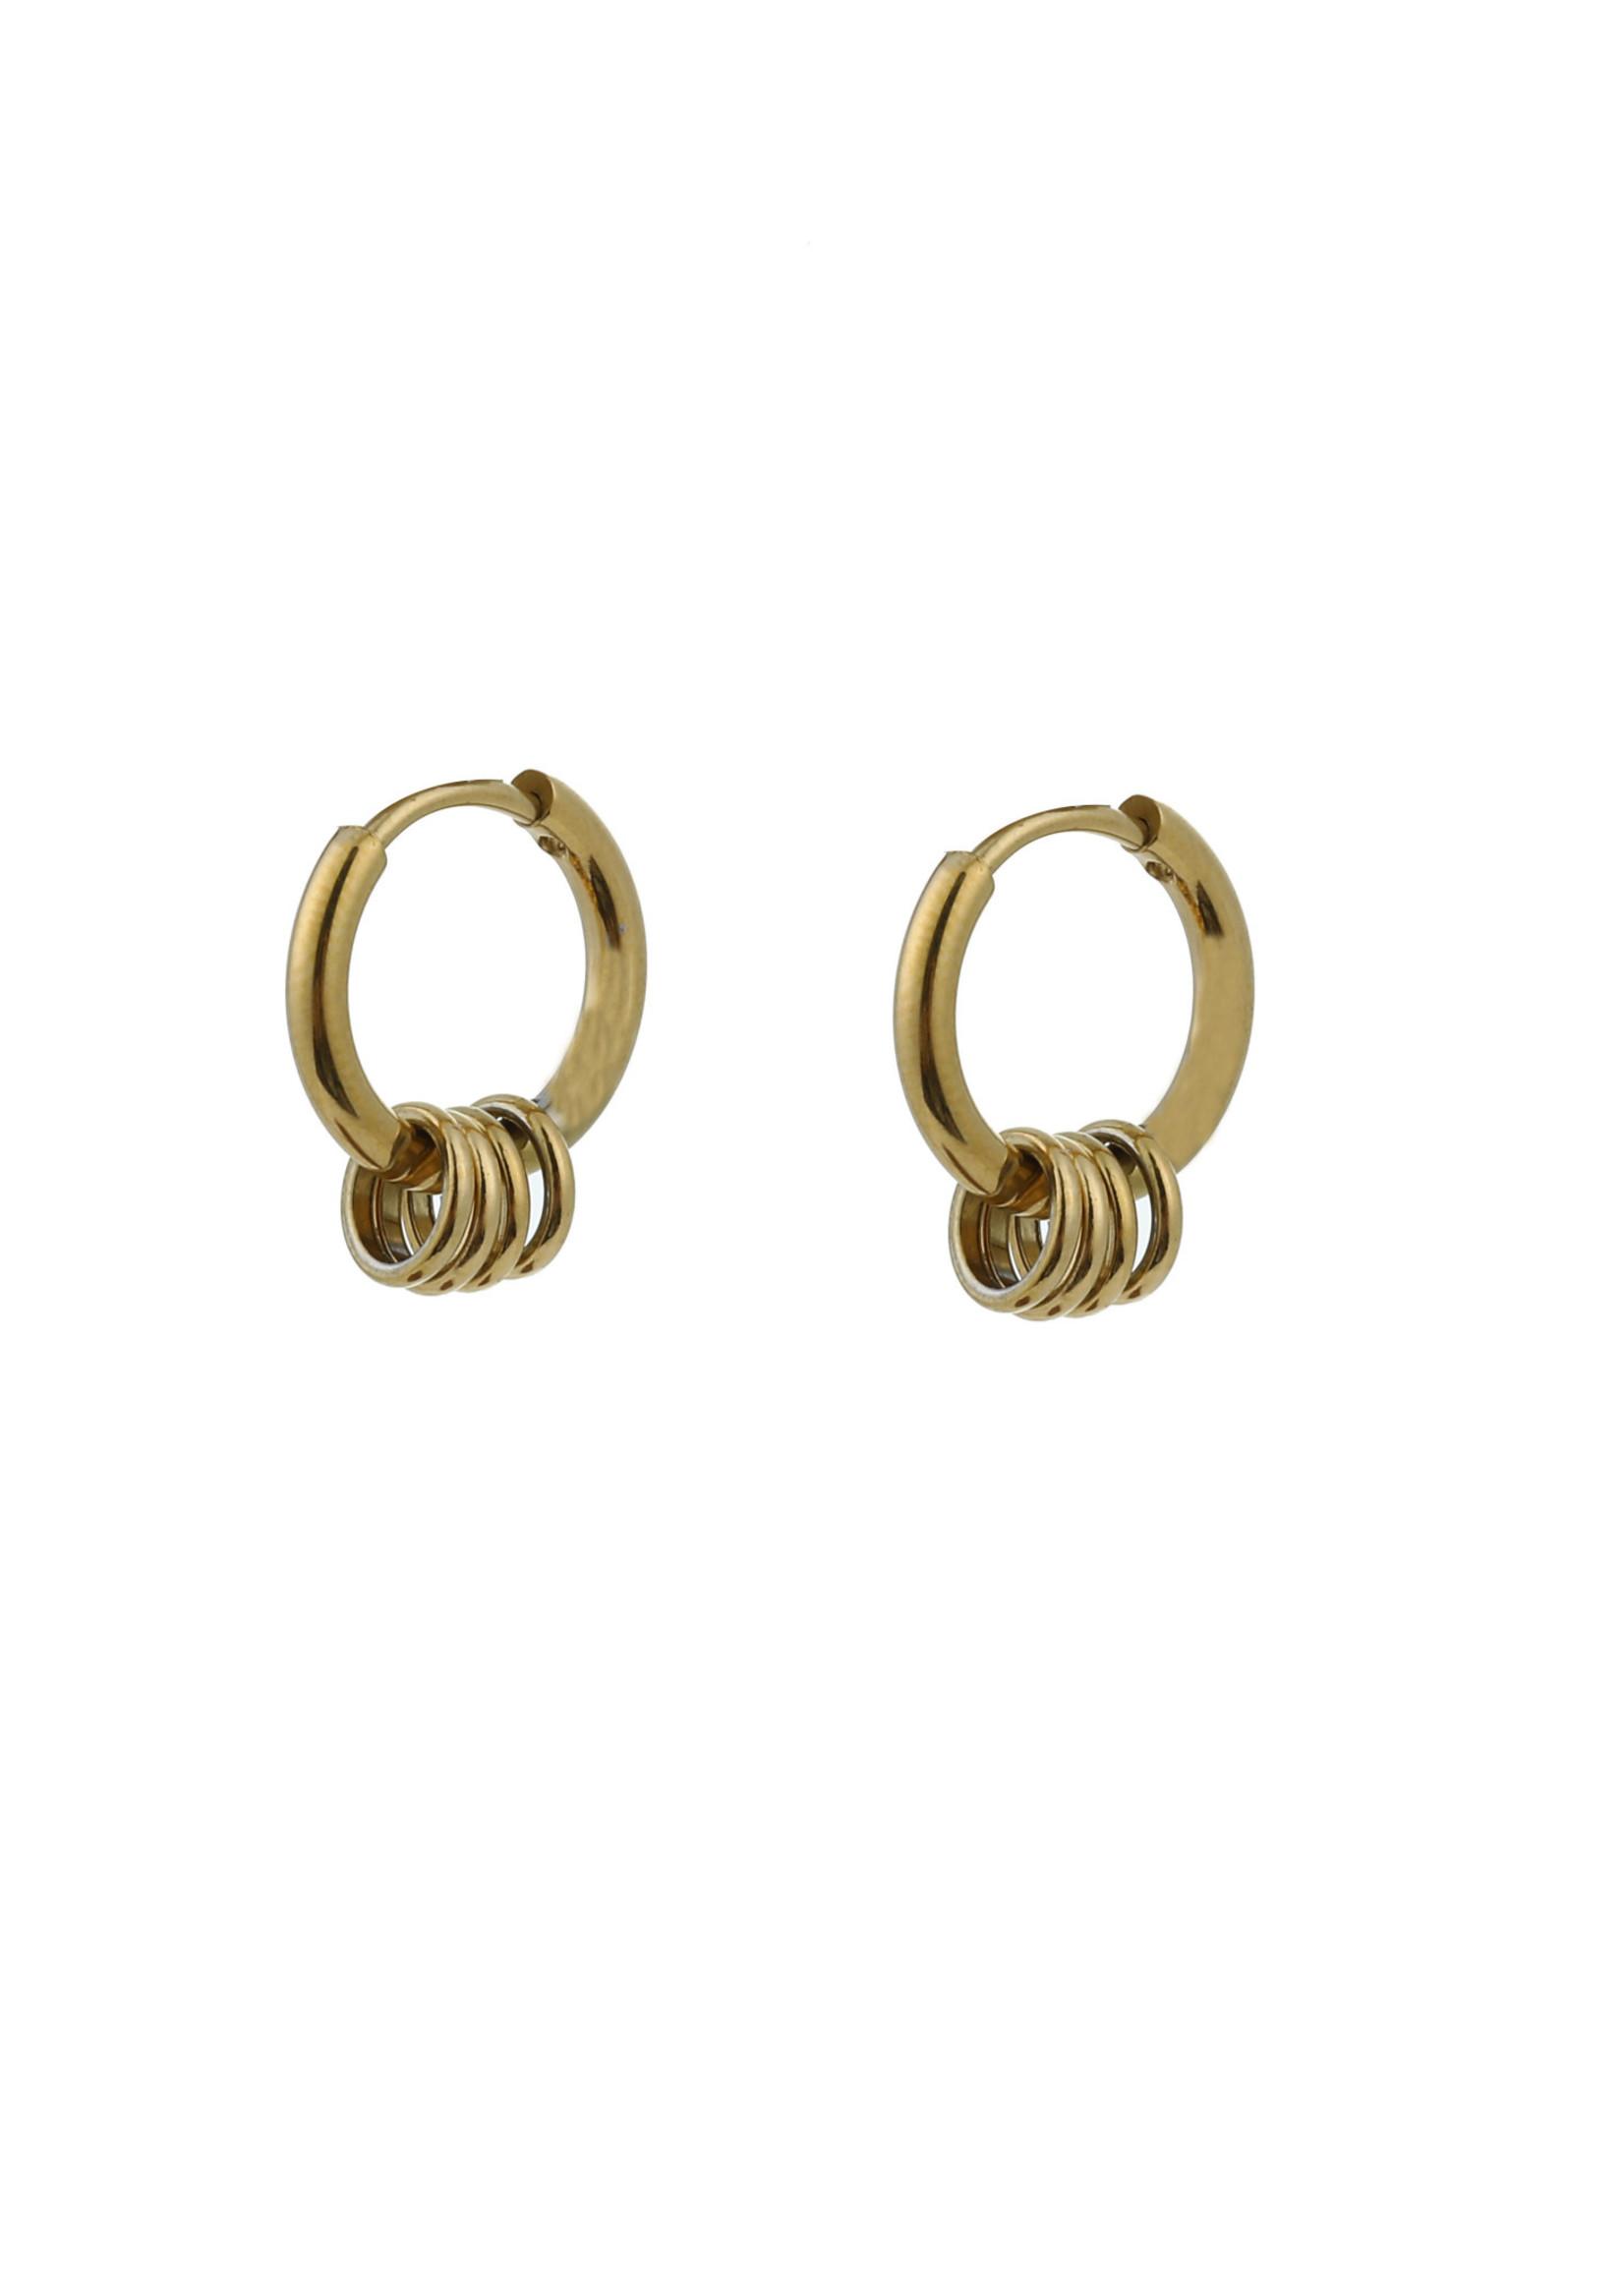 Oorbel goud creool met ringetjes E0884-2